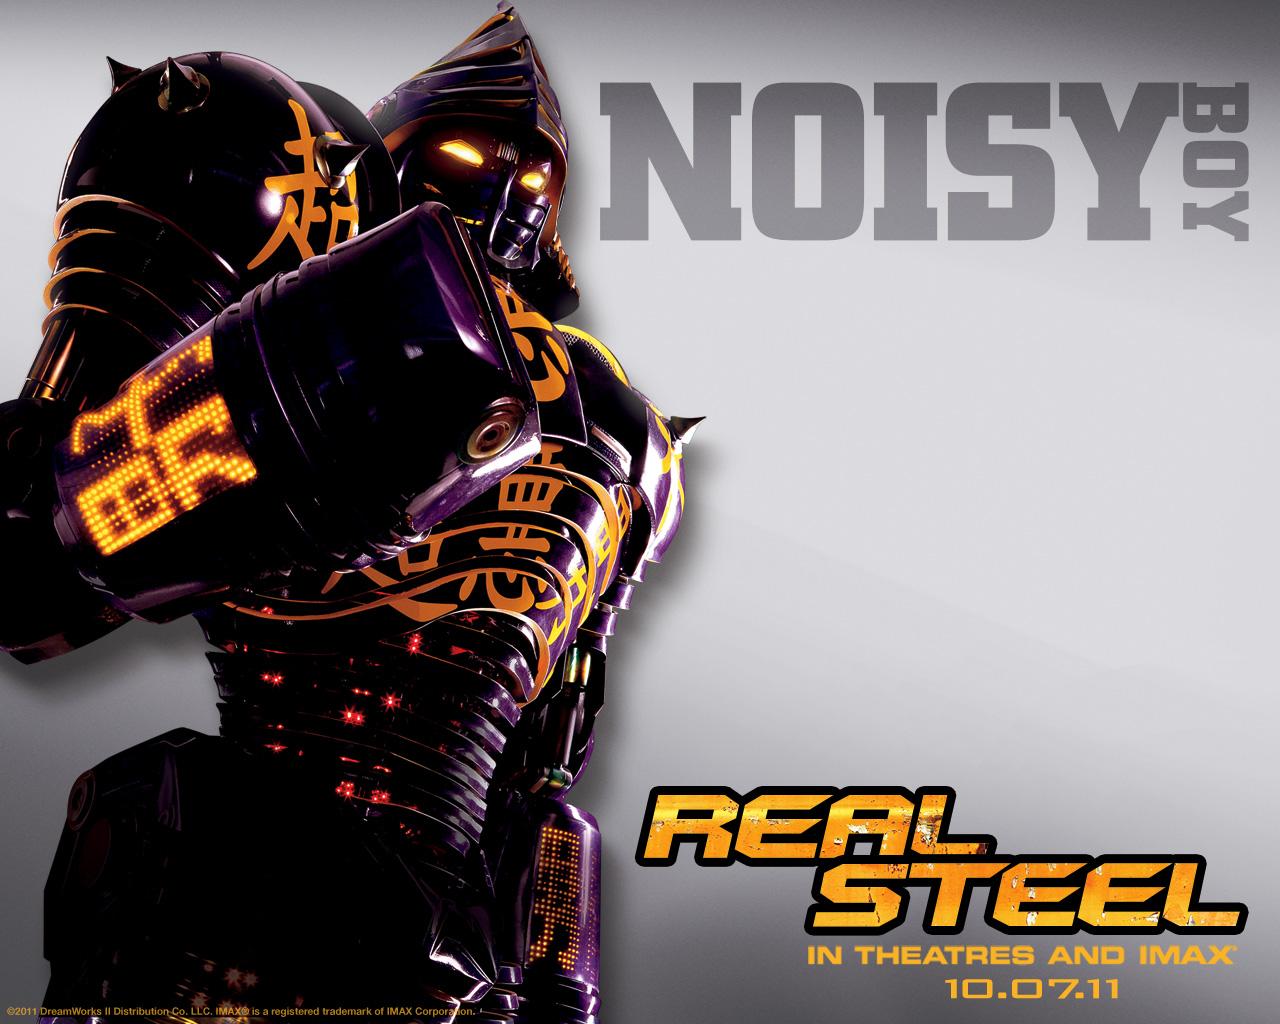 http://1.bp.blogspot.com/-gXvGnbyXzAM/TowfKOxcJCI/AAAAAAAABds/8e6EtDci-U8/s1600/Real+Steel+%25282011%2529+Noisy+boy+wallpaper.jpg